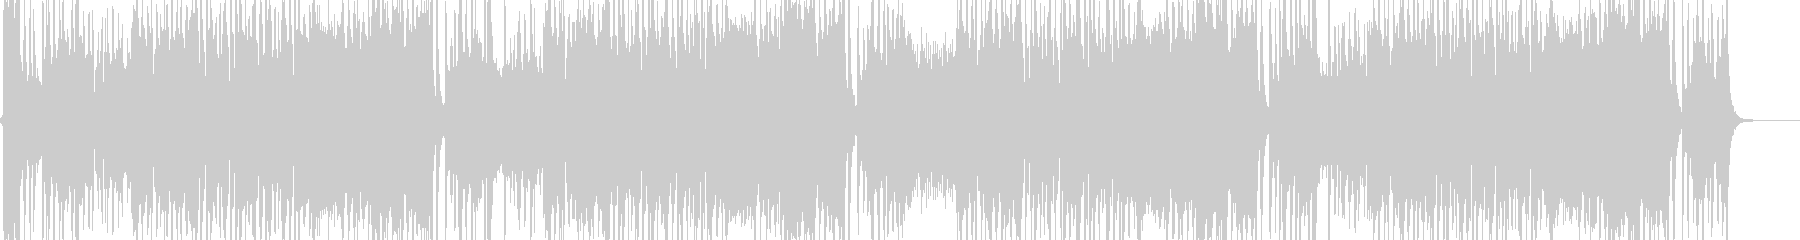 戦場を演出するオーケストラ ピアノ無Bの未再生の波形